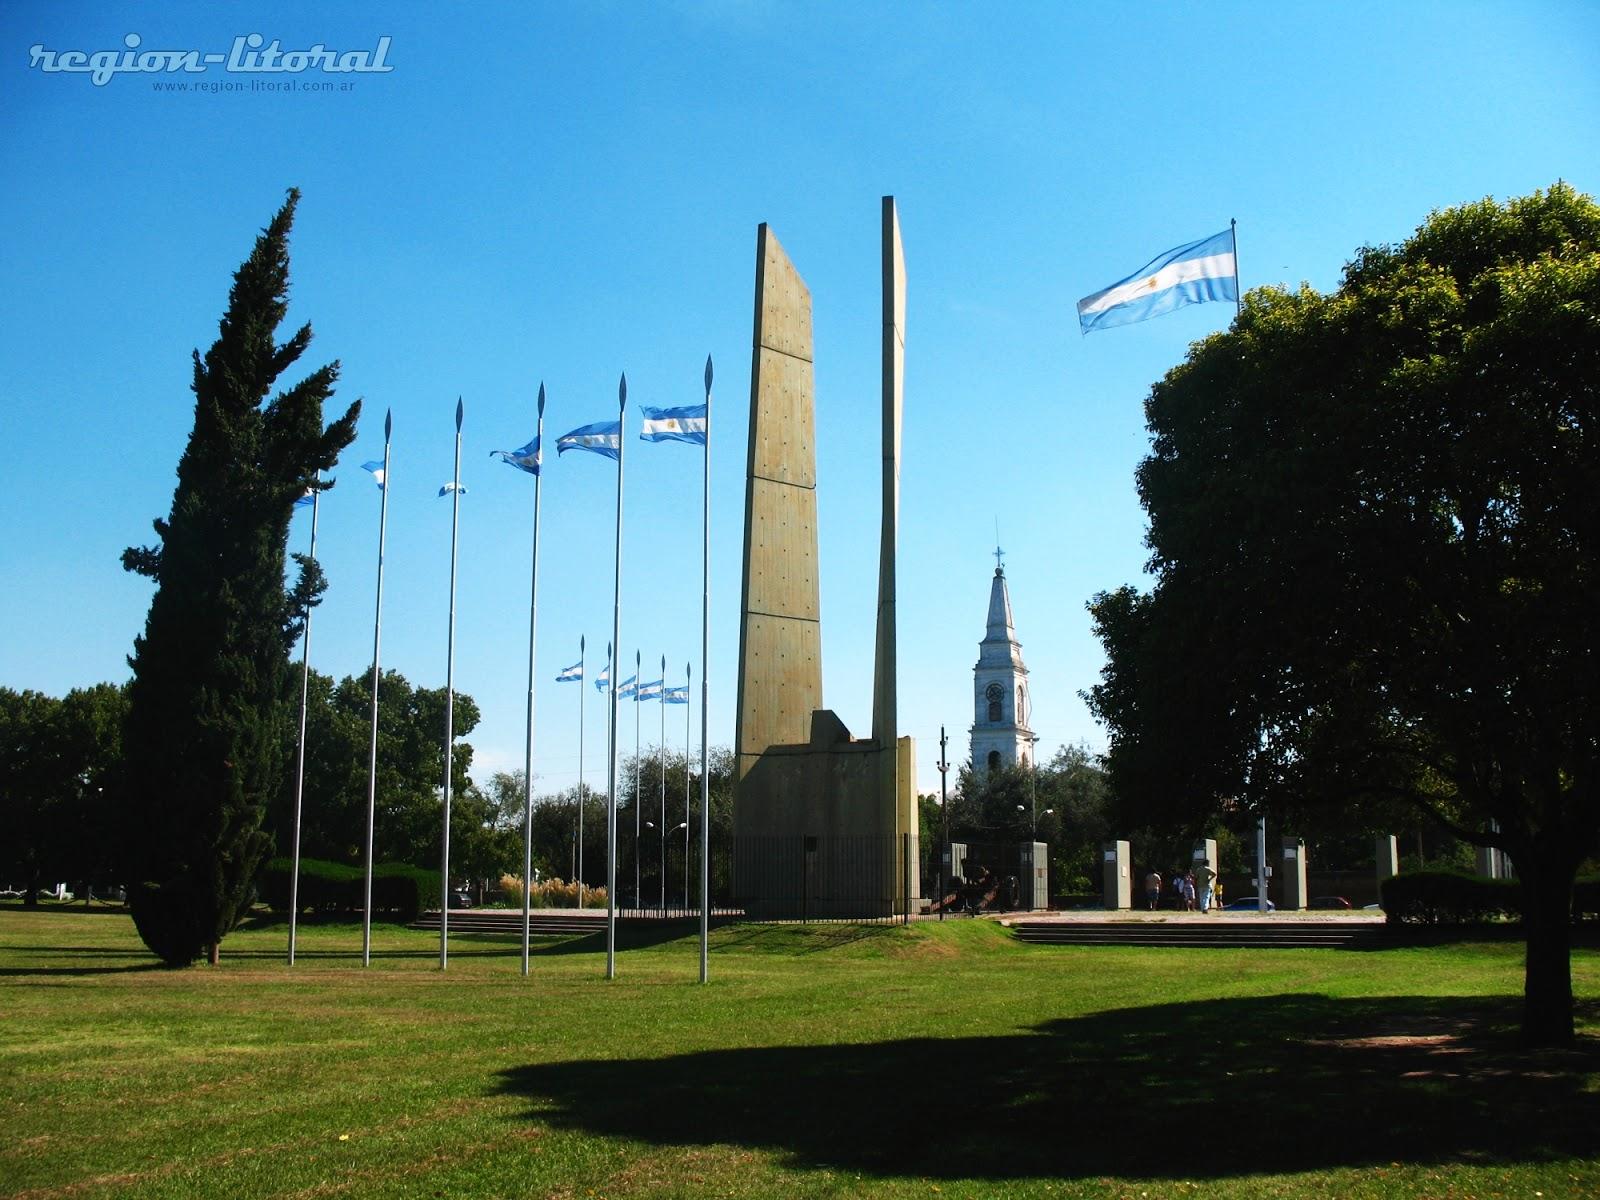 Cuatro Nuevos Totems – Municipalidad de San Lorenzo